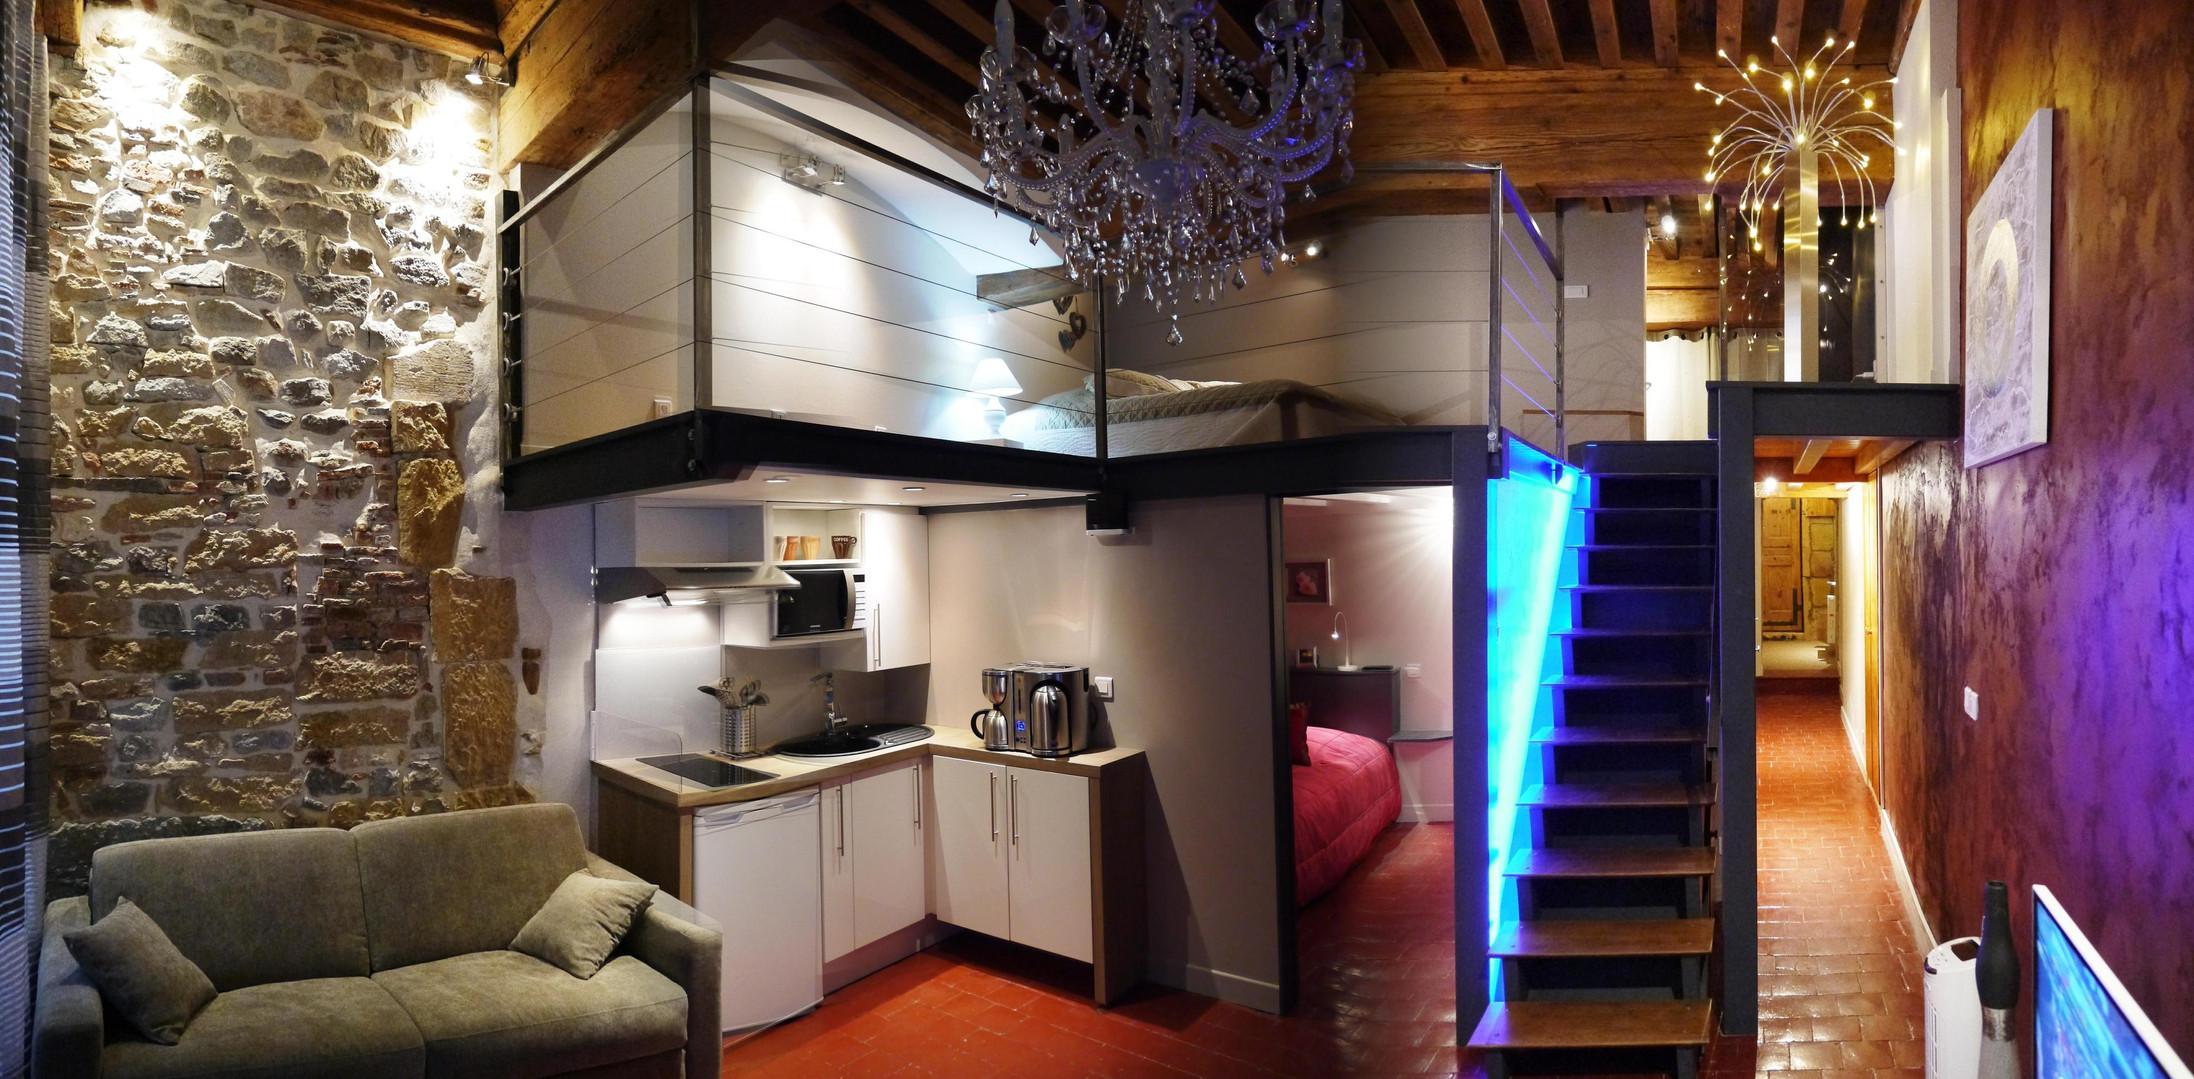 La suite saint Jean - location meublée Lyon